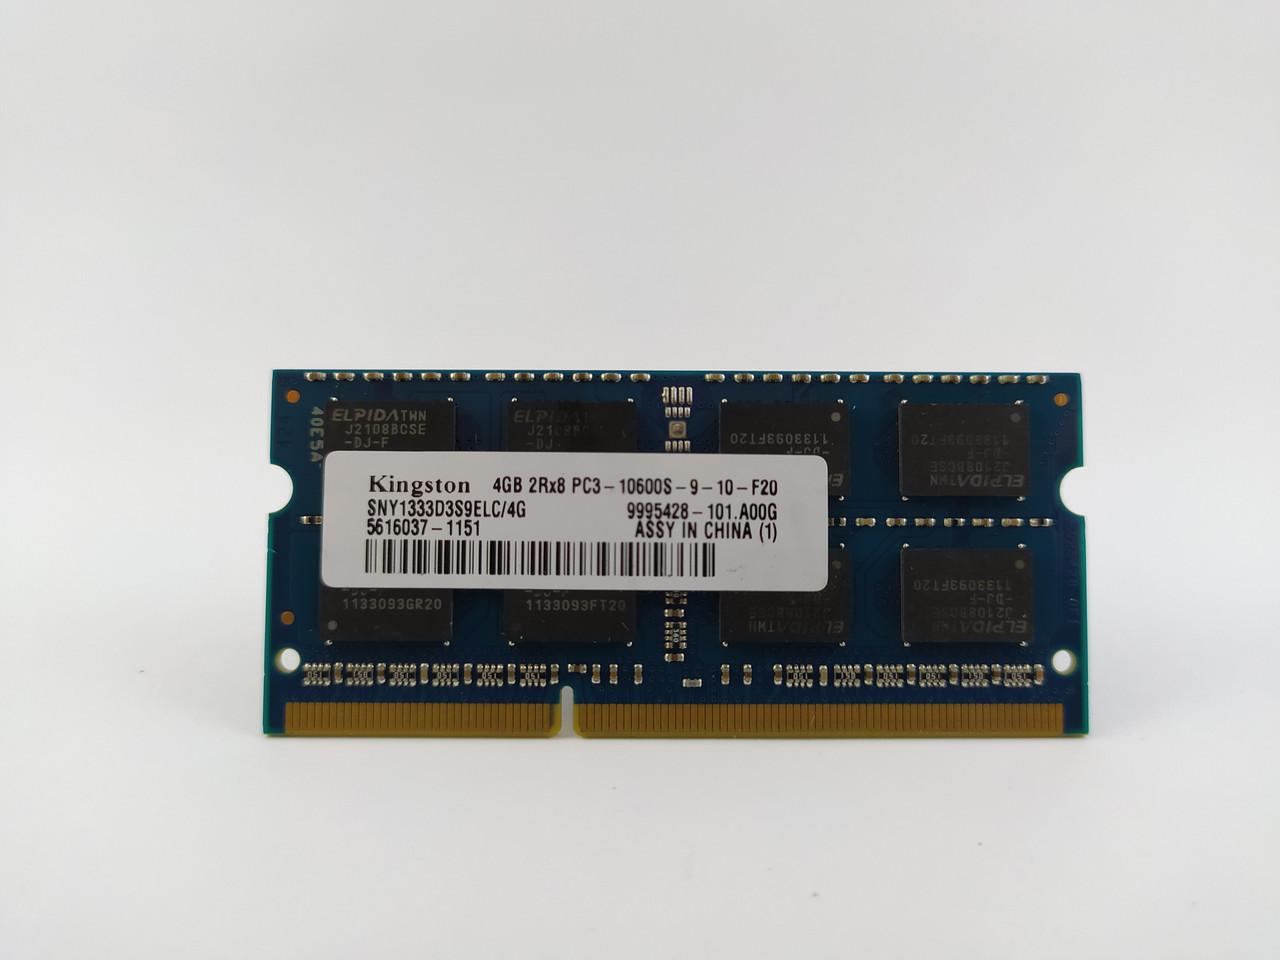 Оперативная память для ноутбука SODIMM Kingston DDR3 4Gb 1333MHz PC3-10600S (SNY1333D3S9ELC/4G) Б/У